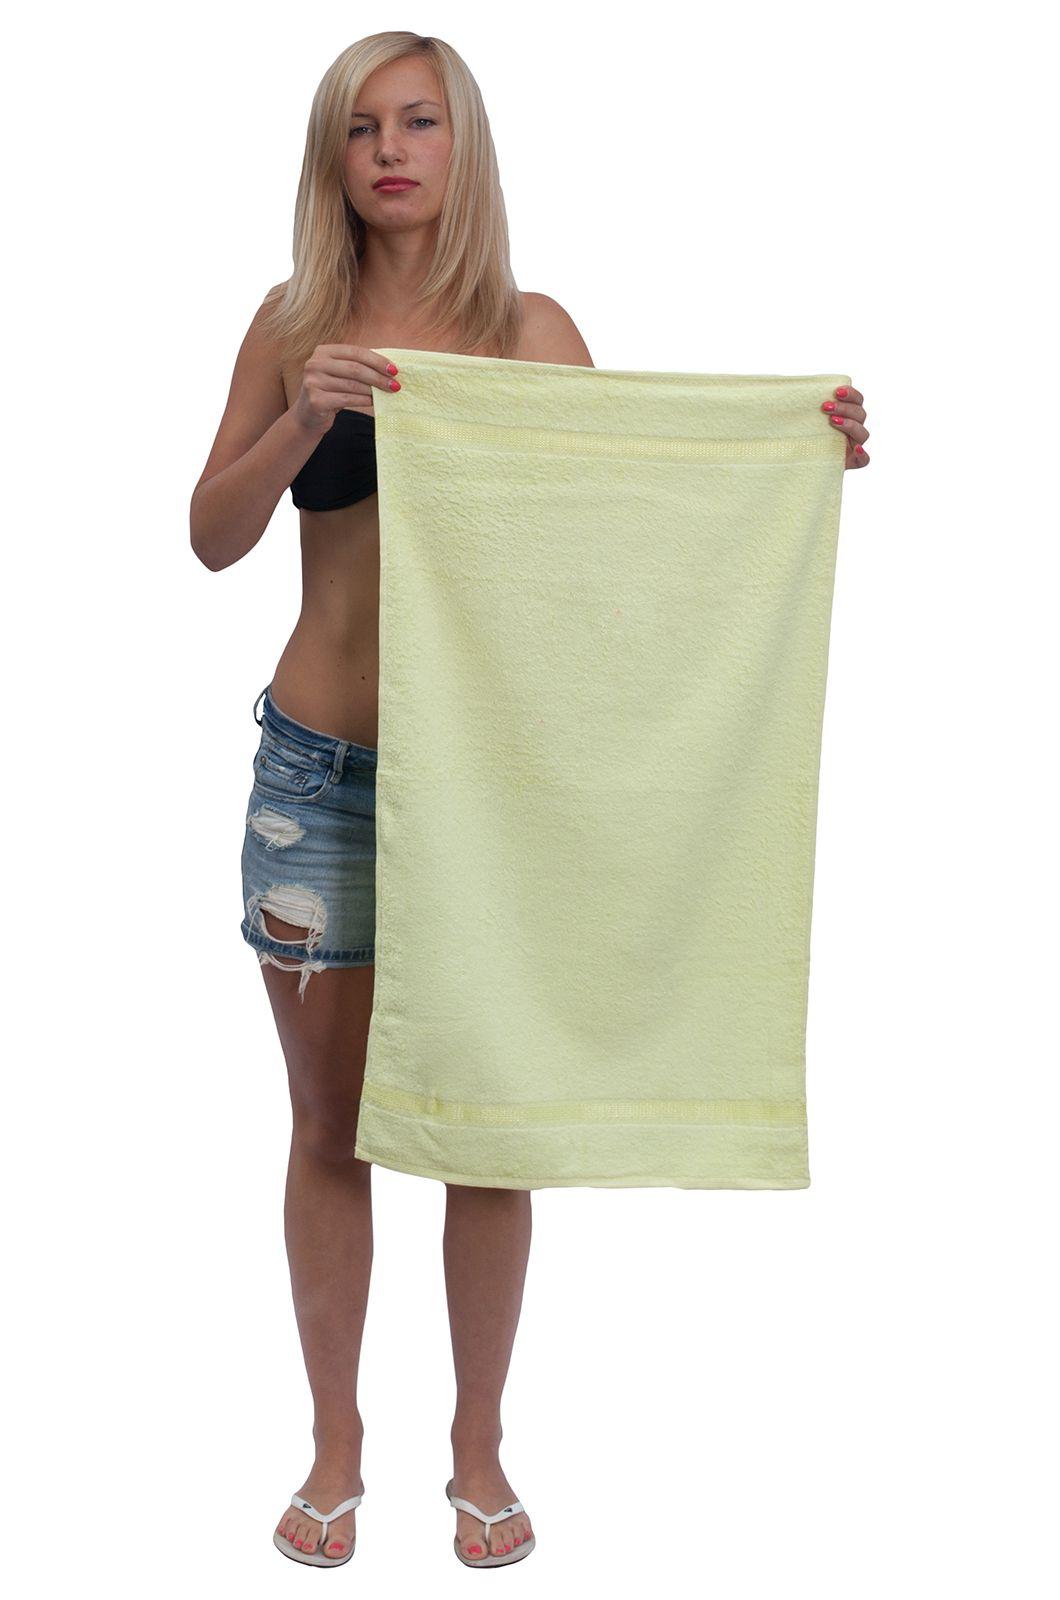 Полотенце среднее - купить с доставкой